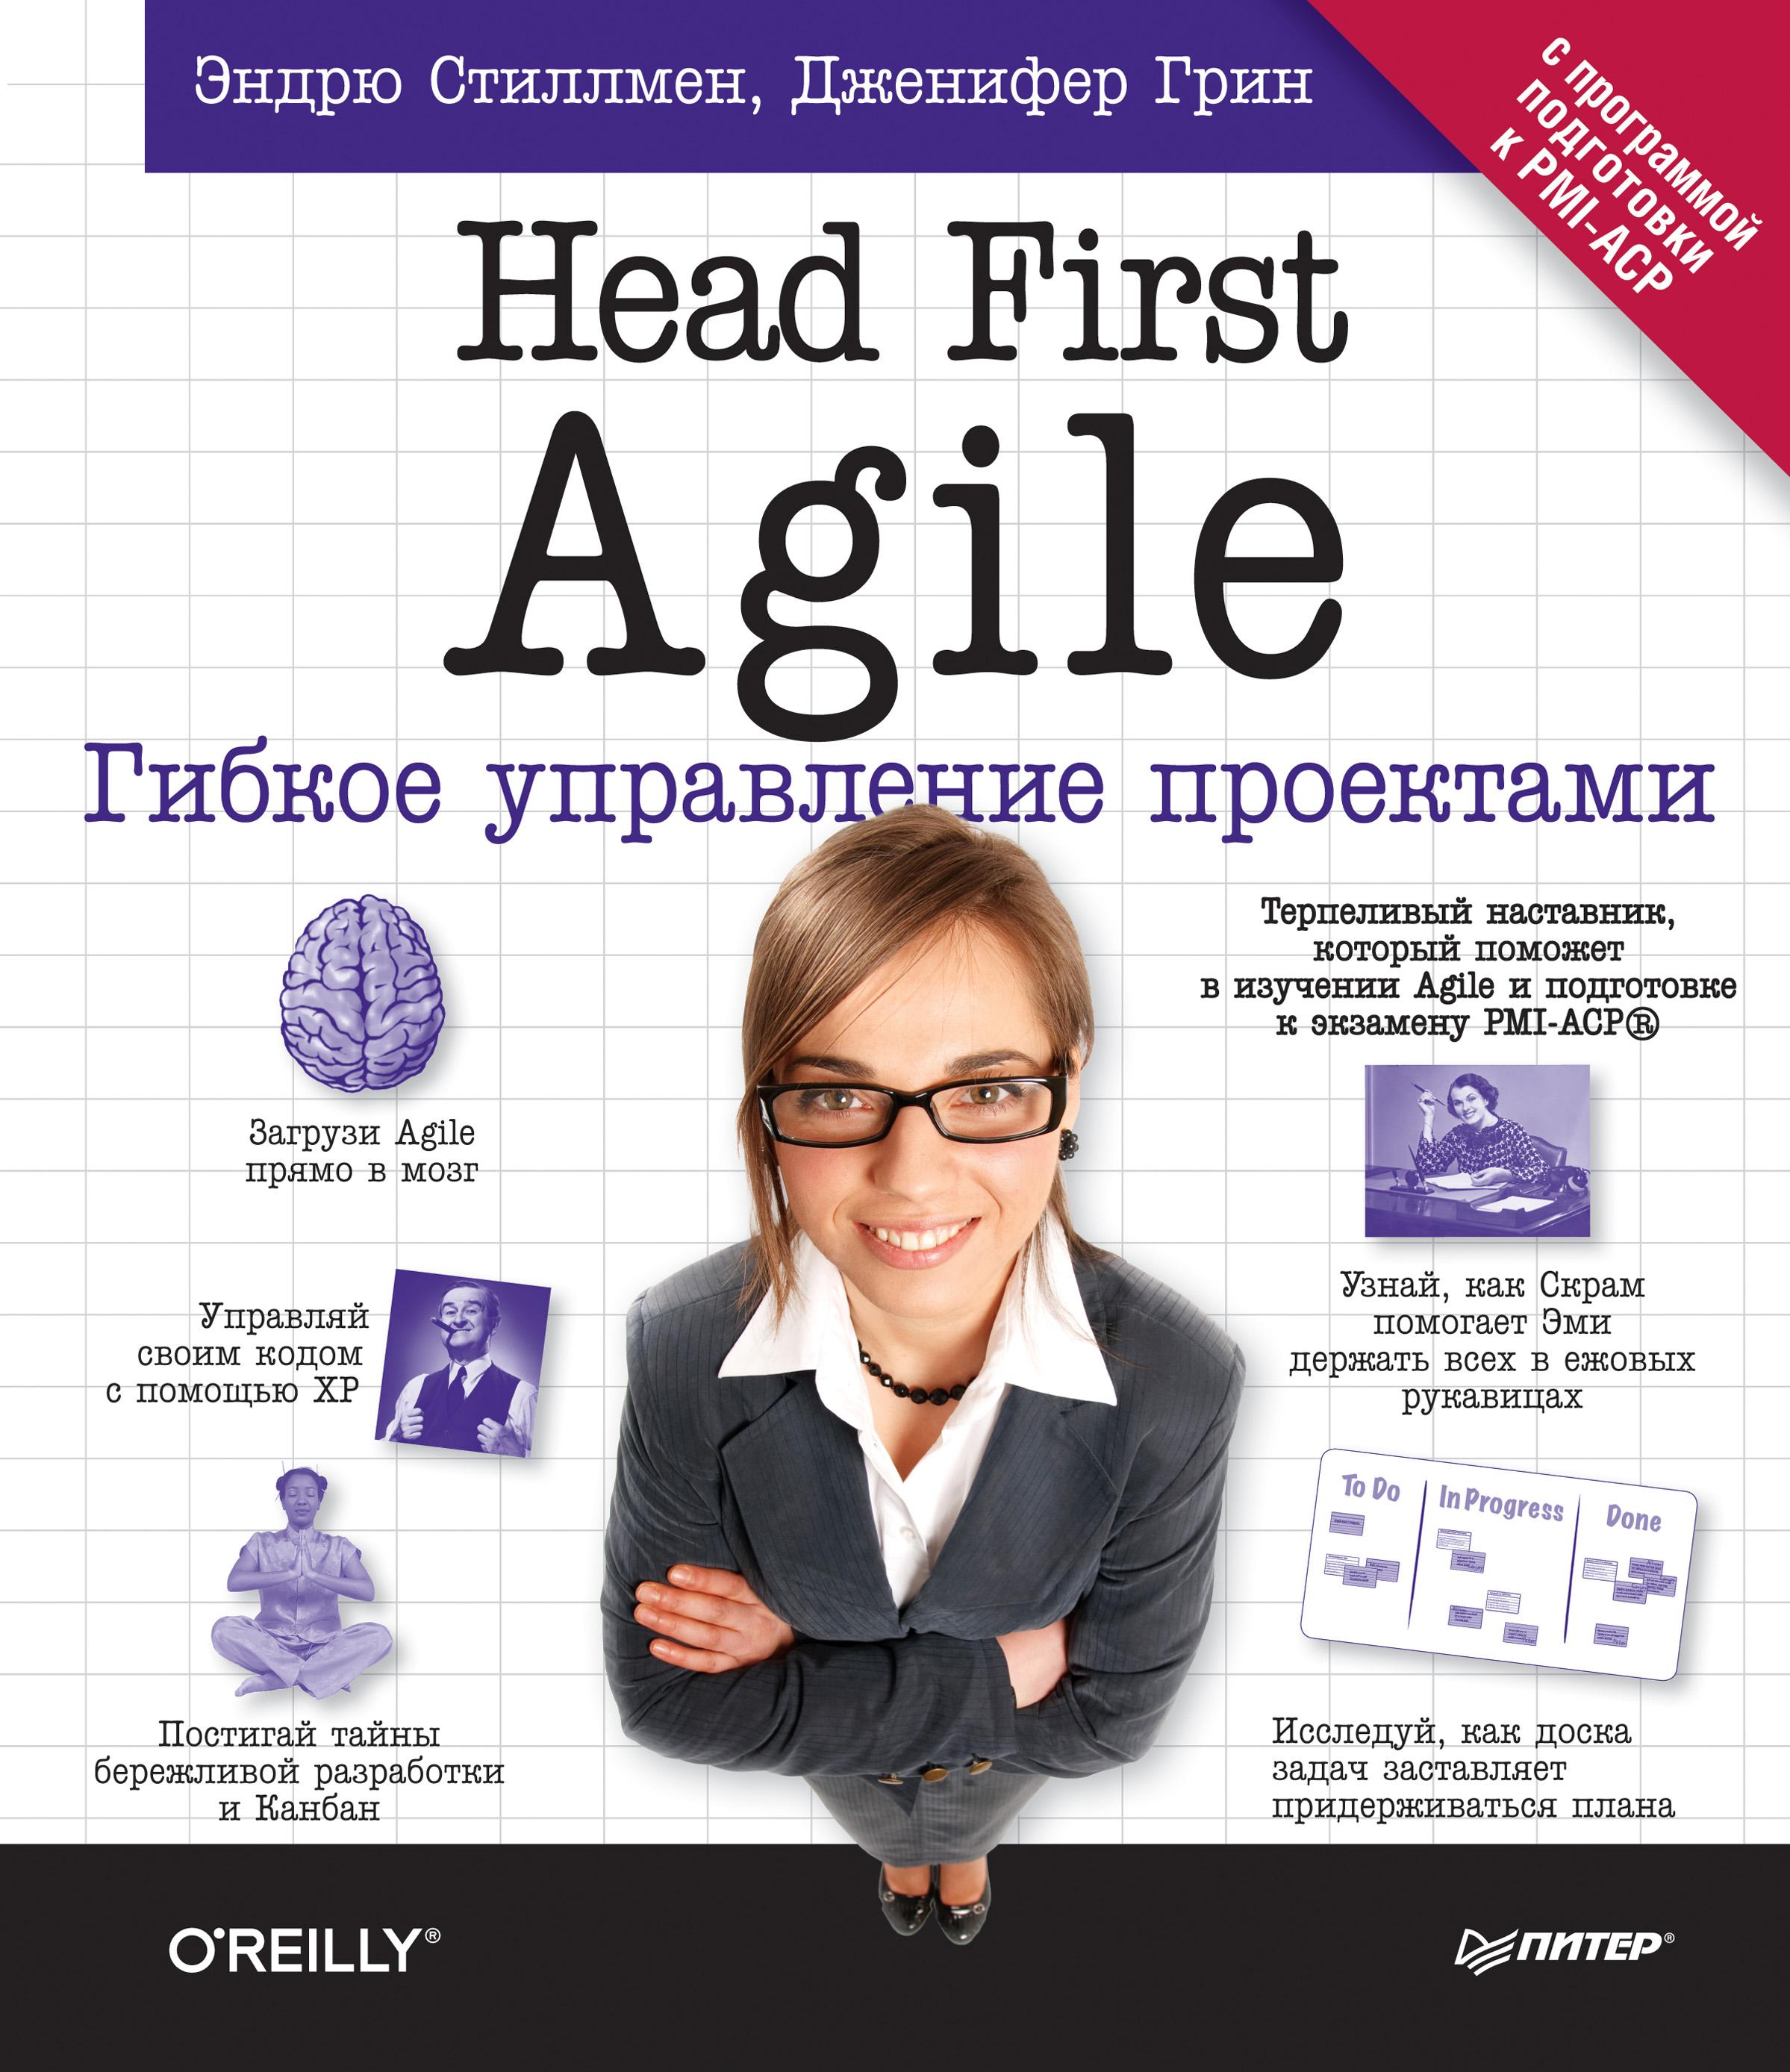 Head First Agile.Гибкое управление проектами